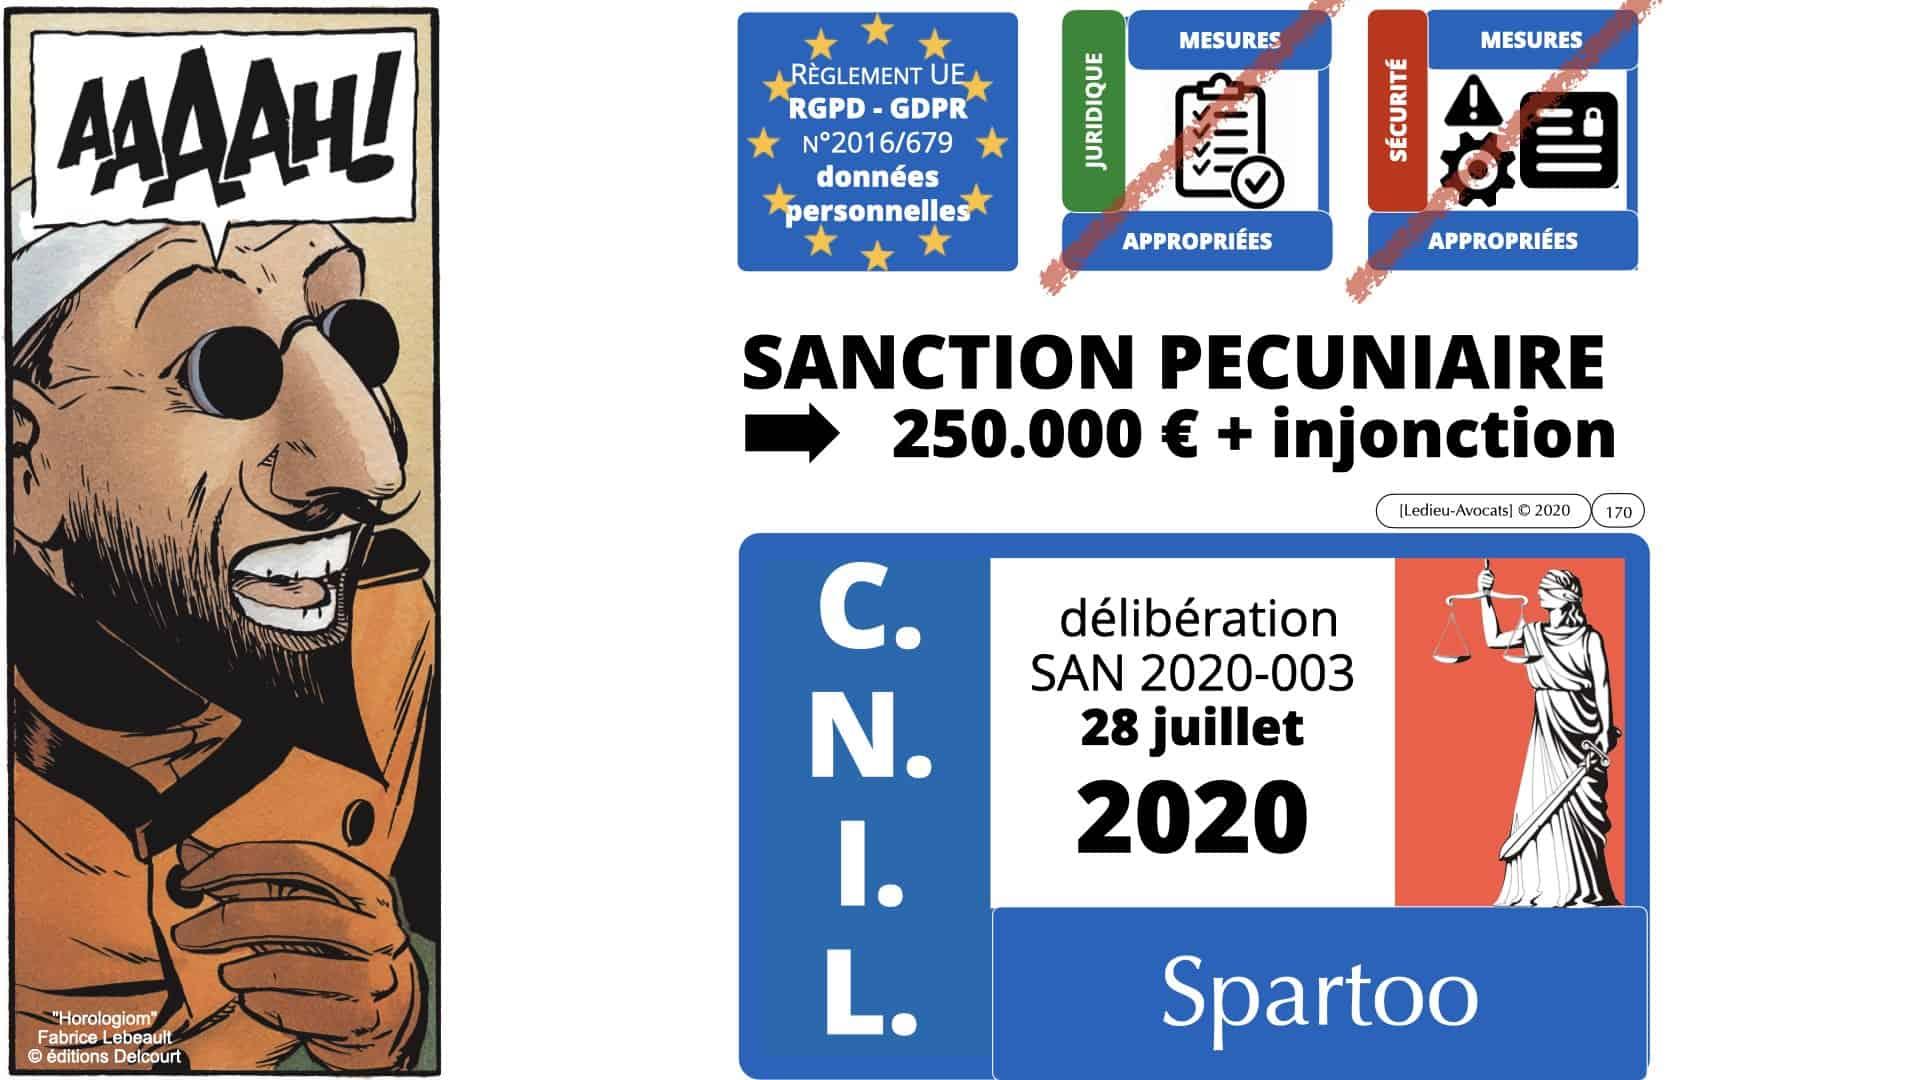 RGPD e-Privacy données personnelles jurisprudence formation Lamy Les Echos 10-02-2021 ©Ledieu-Avocats.170